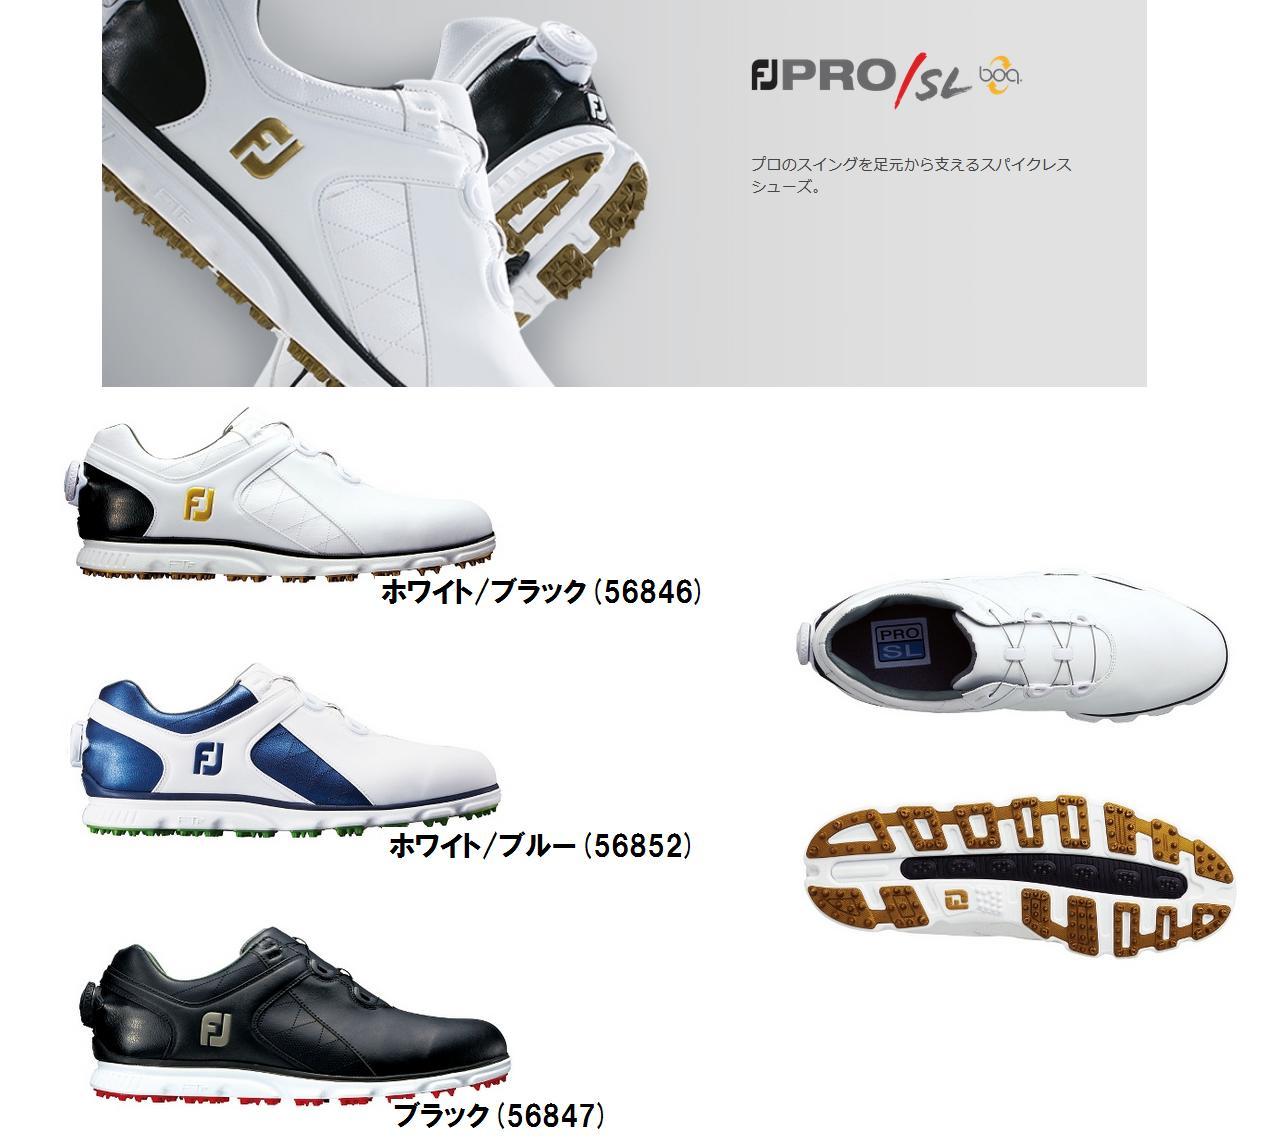 【 新品 】 FootJoy PRO SL BOA  フットジョイ プロSLボア スパイクレスゴルフシューズ メンズ 日本正規品